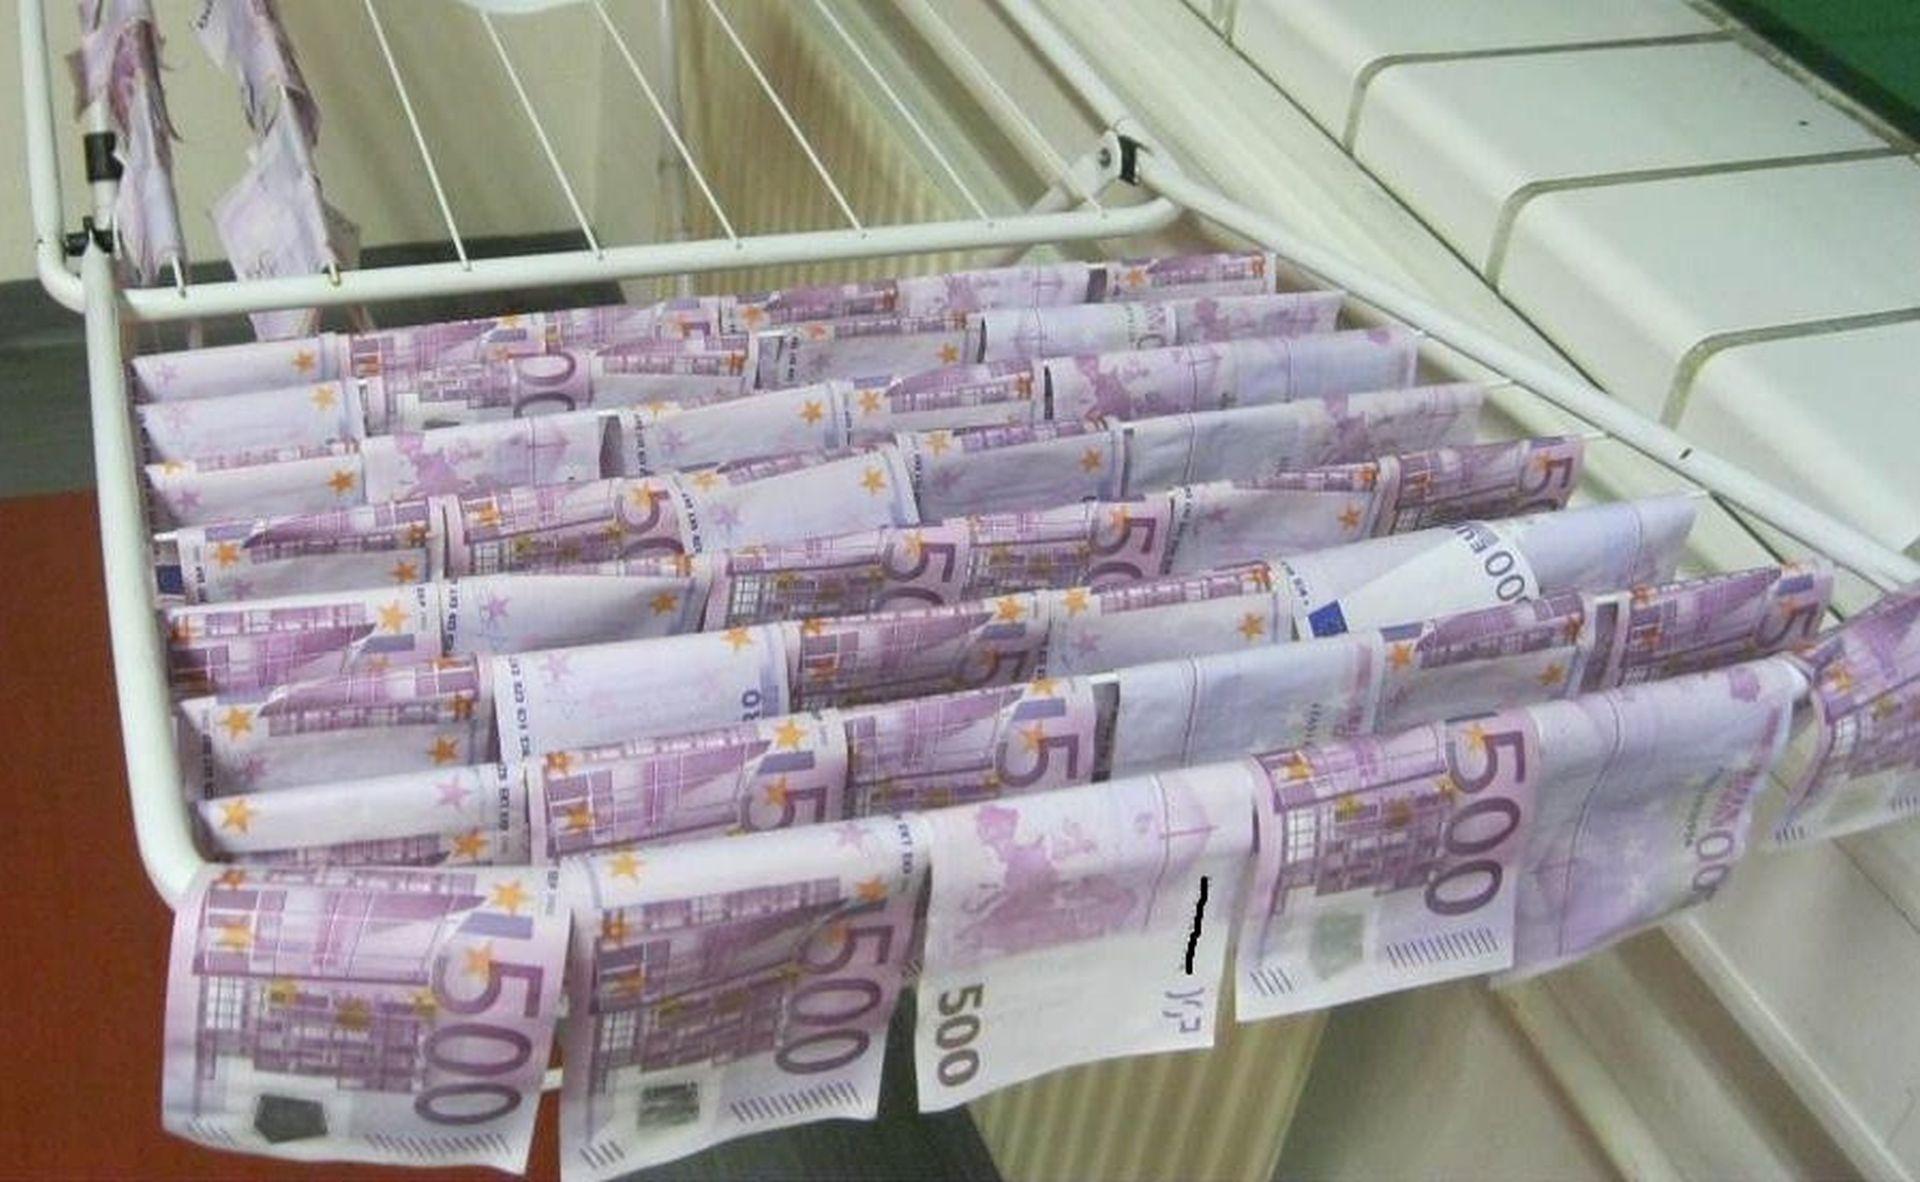 BUGARSKA POLICIJA: Pod vodom otkriveni milijuni krivotvorenih eura